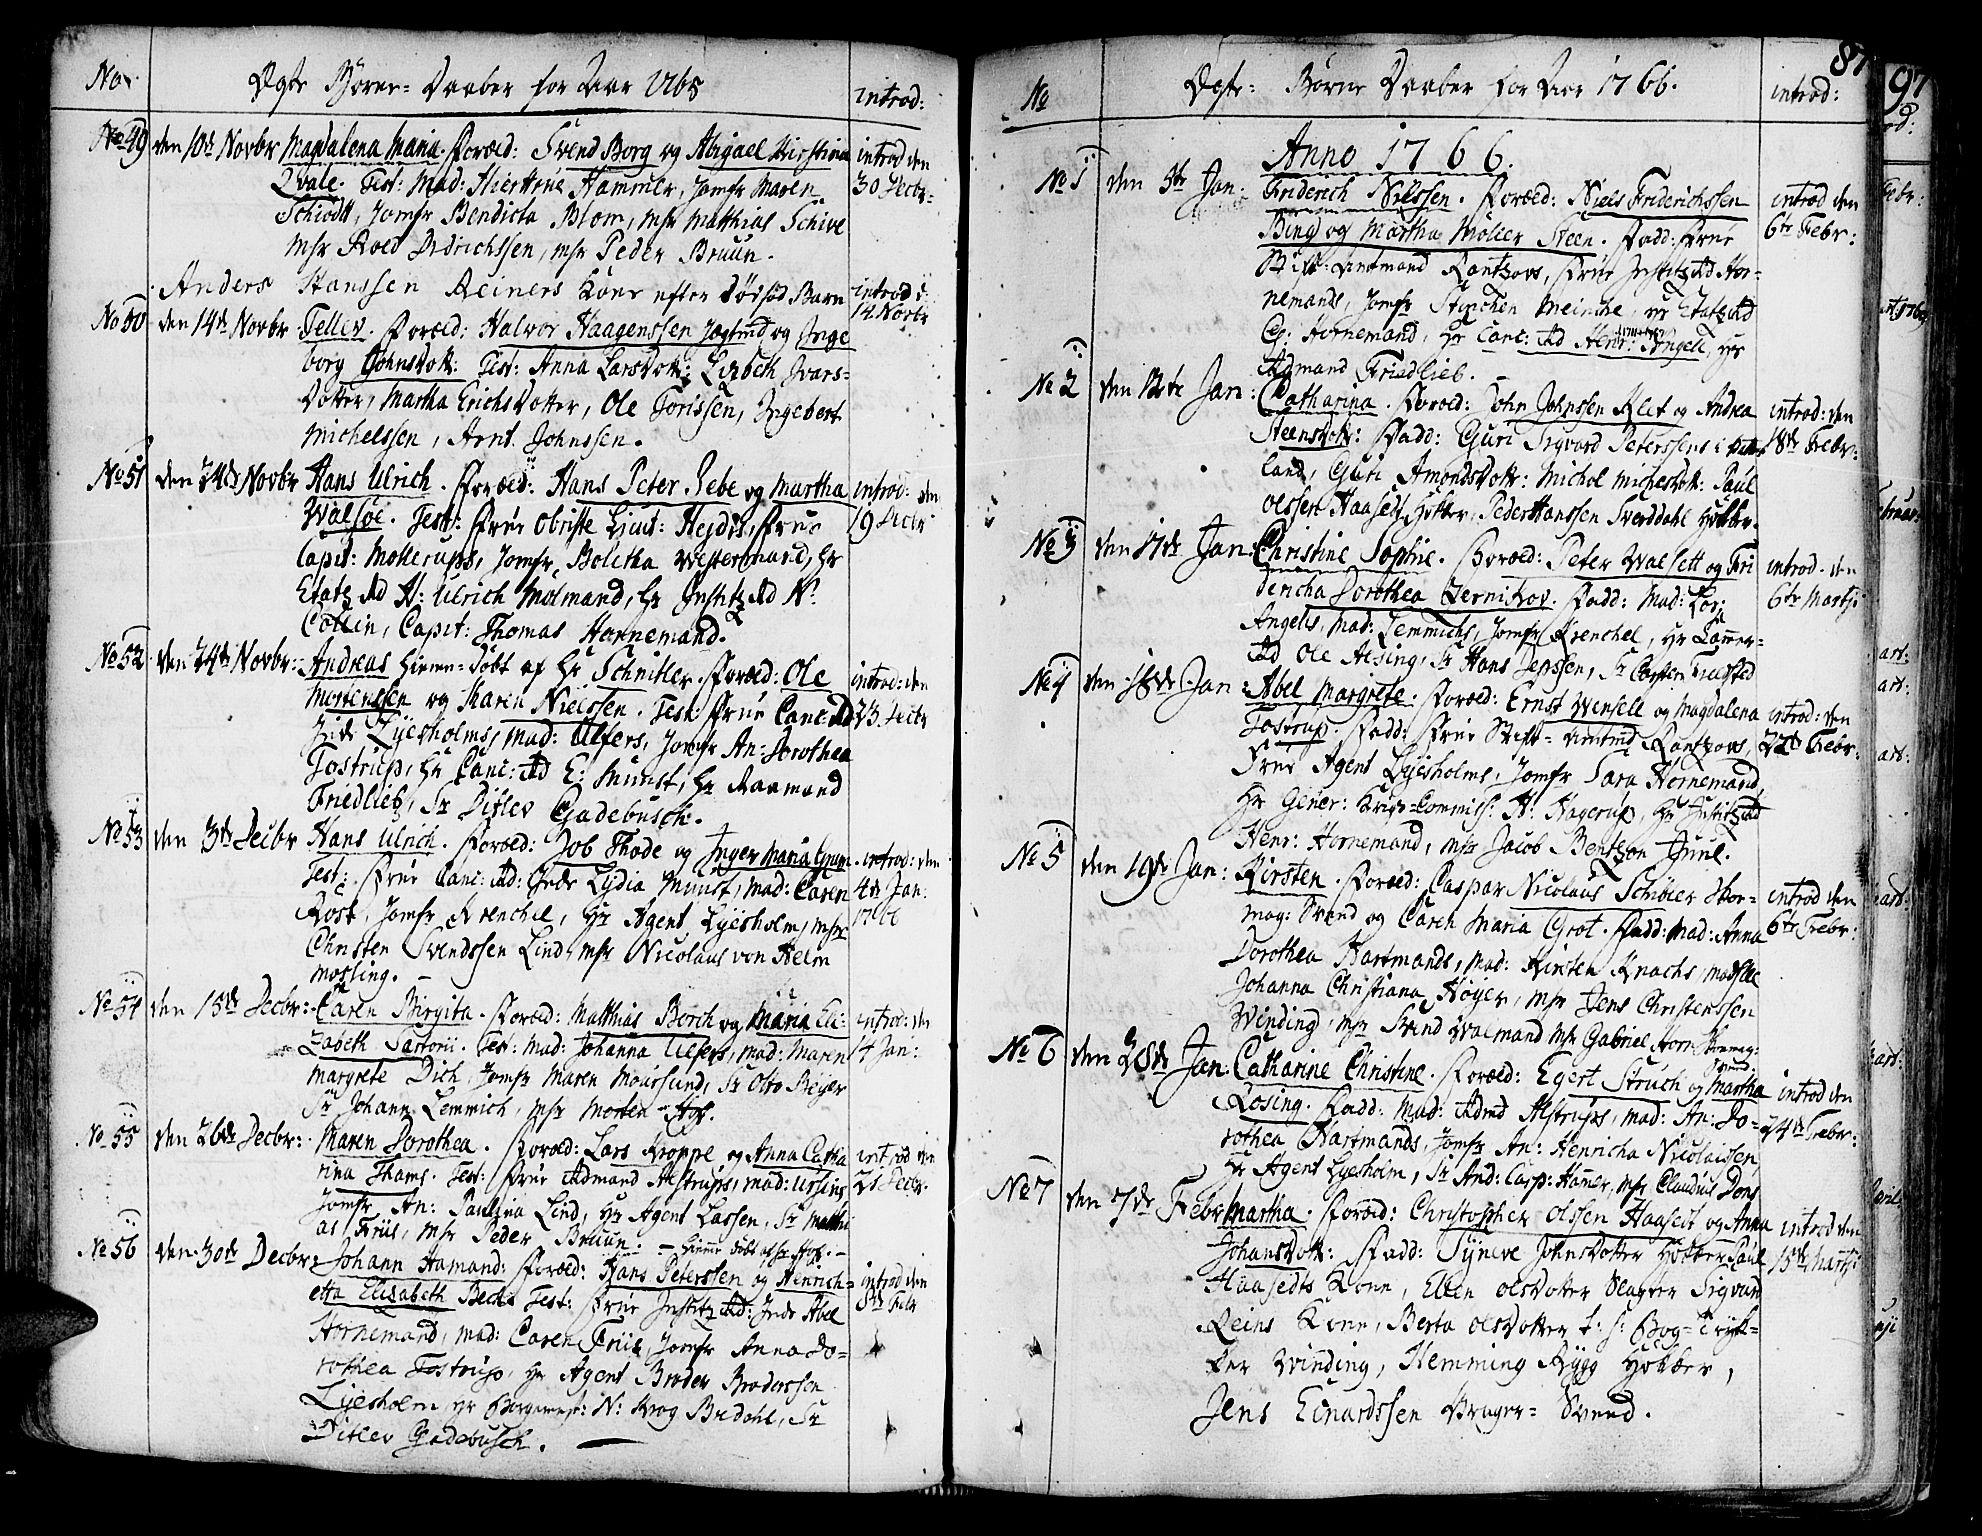 SAT, Ministerialprotokoller, klokkerbøker og fødselsregistre - Sør-Trøndelag, 602/L0103: Ministerialbok nr. 602A01, 1732-1774, s. 87